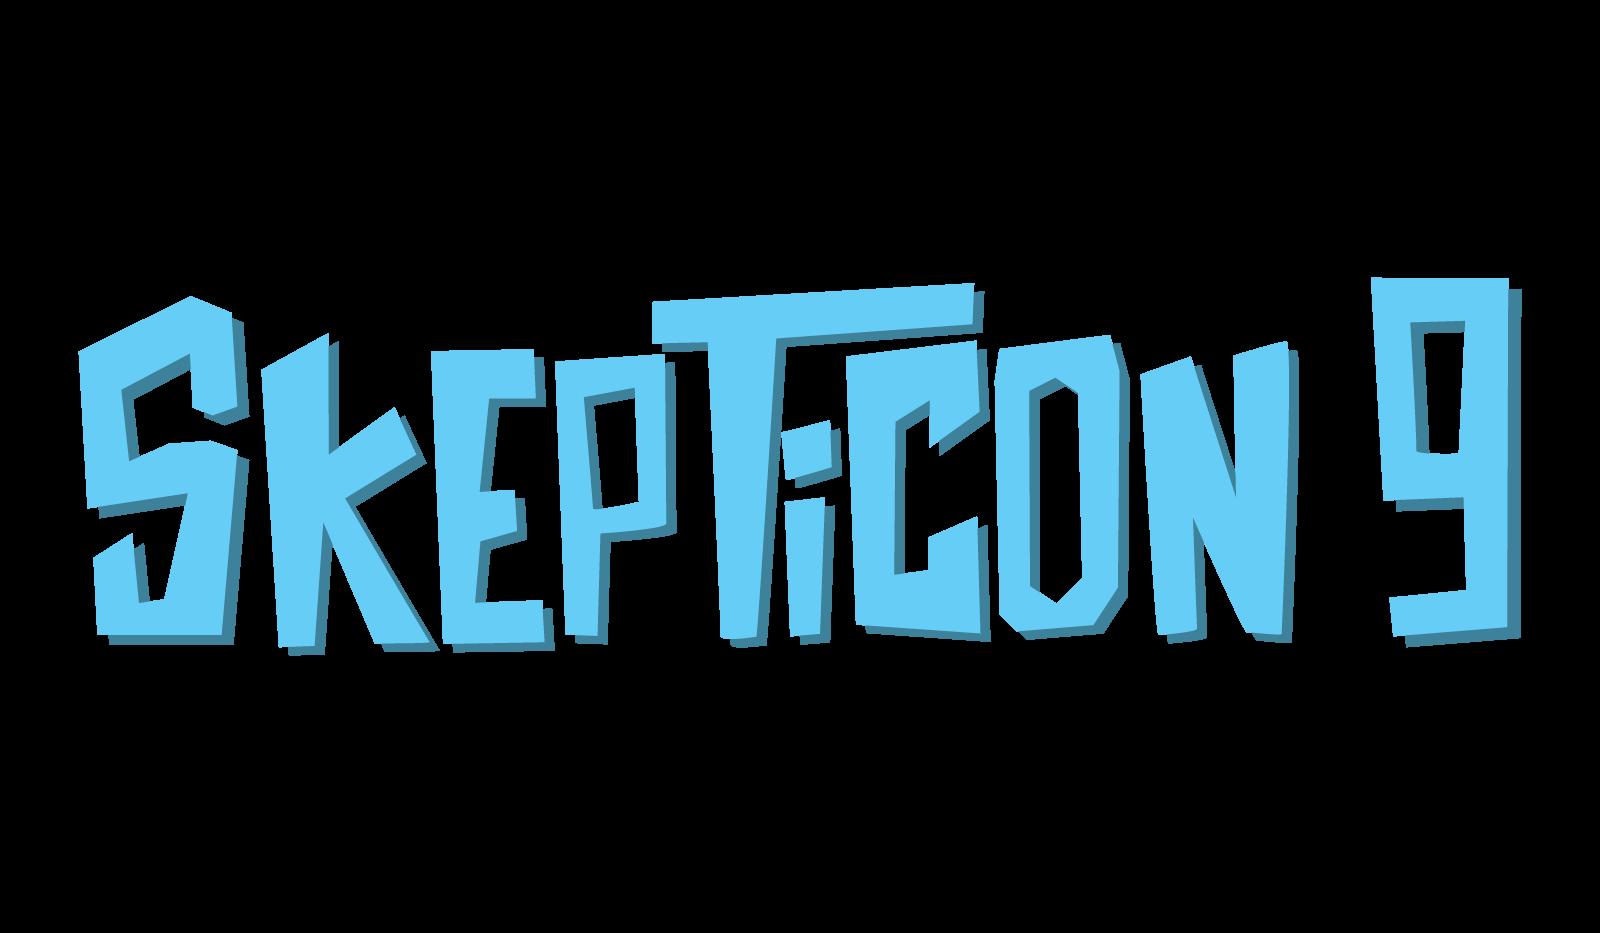 Skepticon